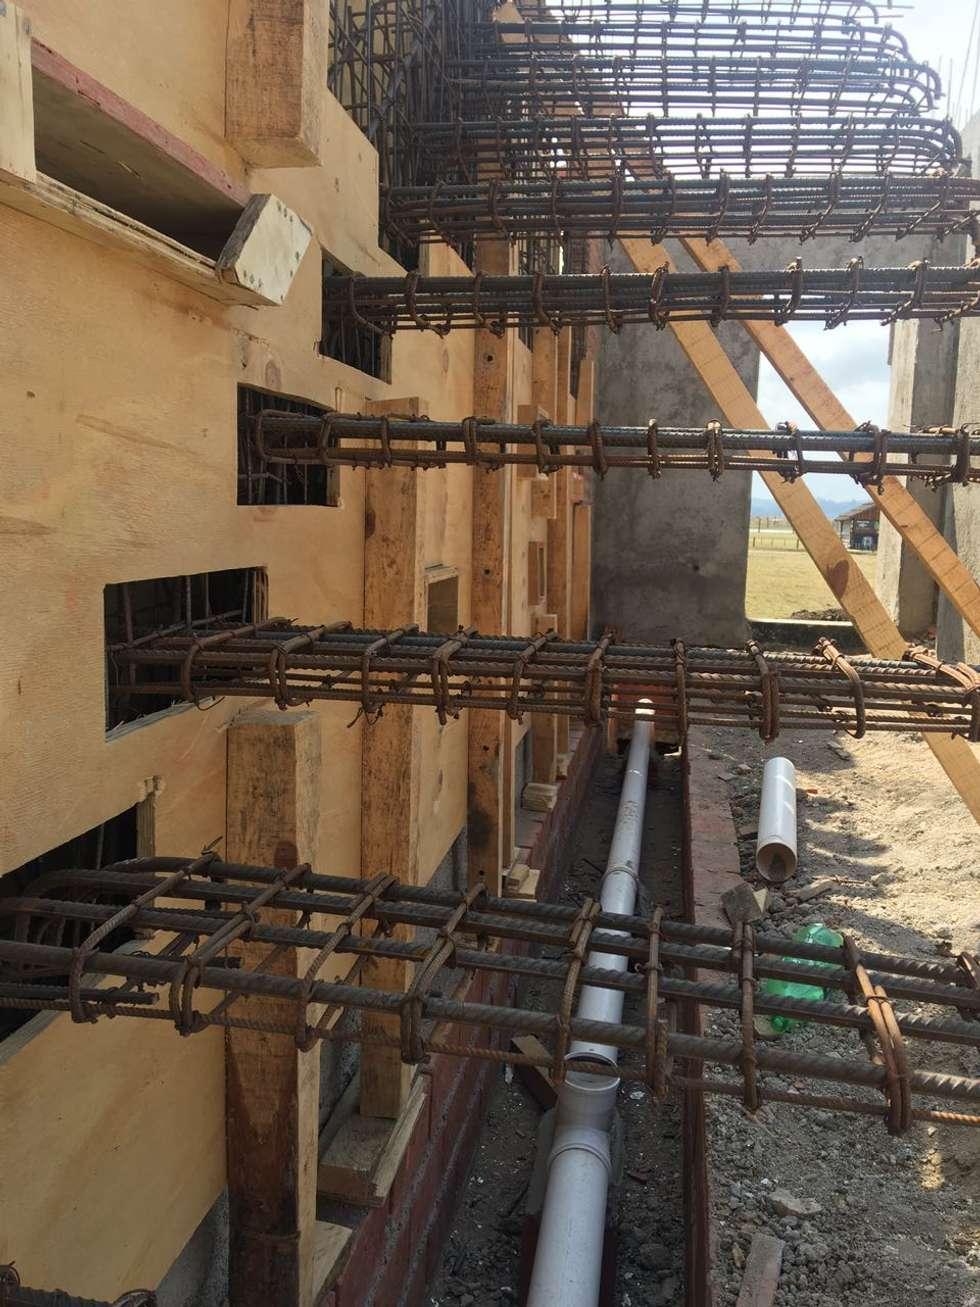 Muros y escaleras de hormig n armado visto pasillos y recibidores de estilo por development - Muros de hormigon ...